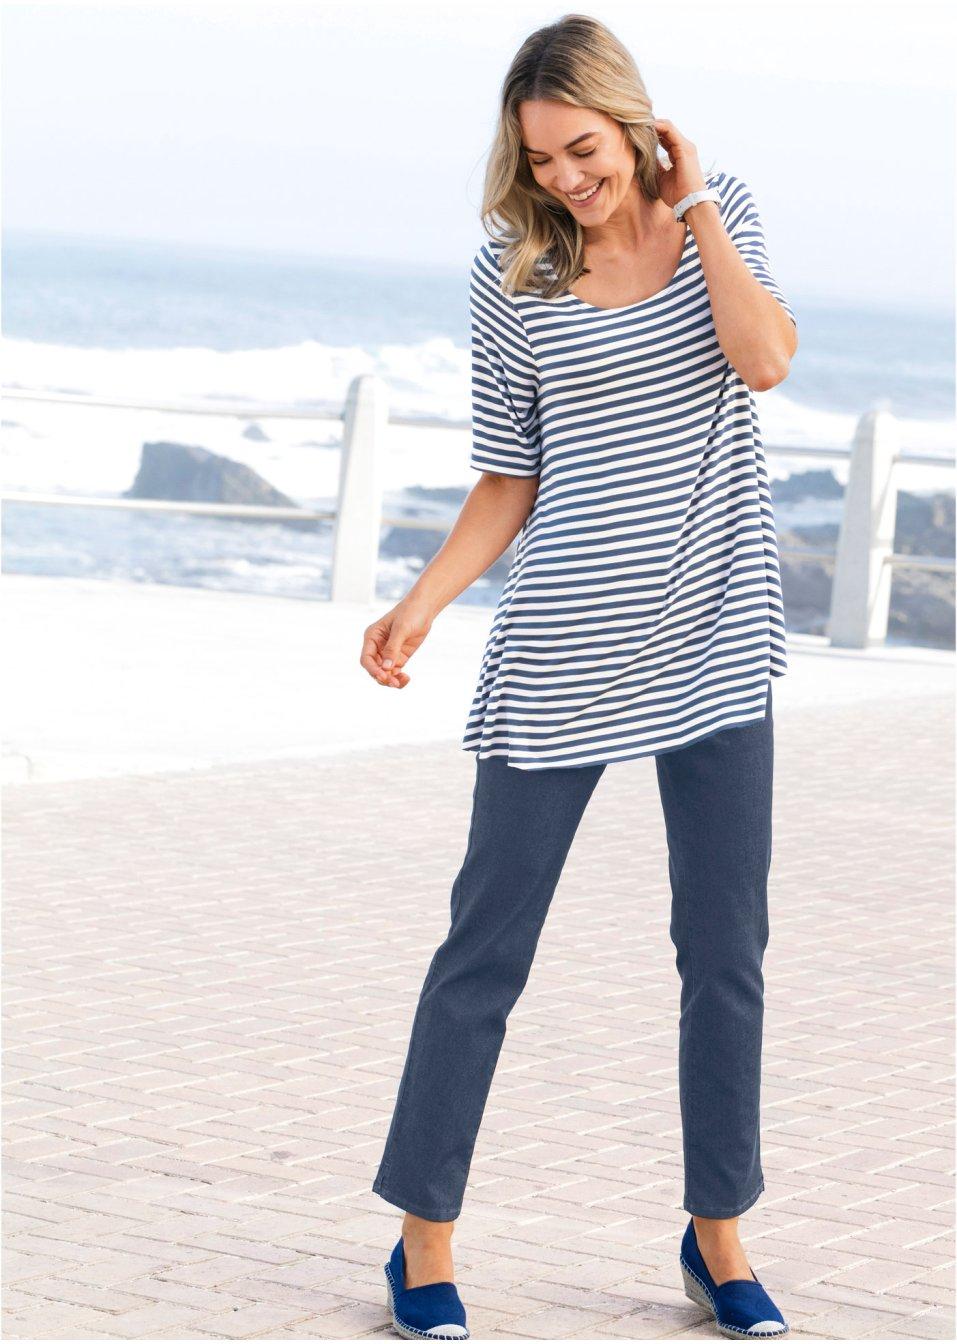 e8d72d1031d7d Weit geschnittene Shirt-Tunika in A-Linie - koralle/wollweiß gestreift